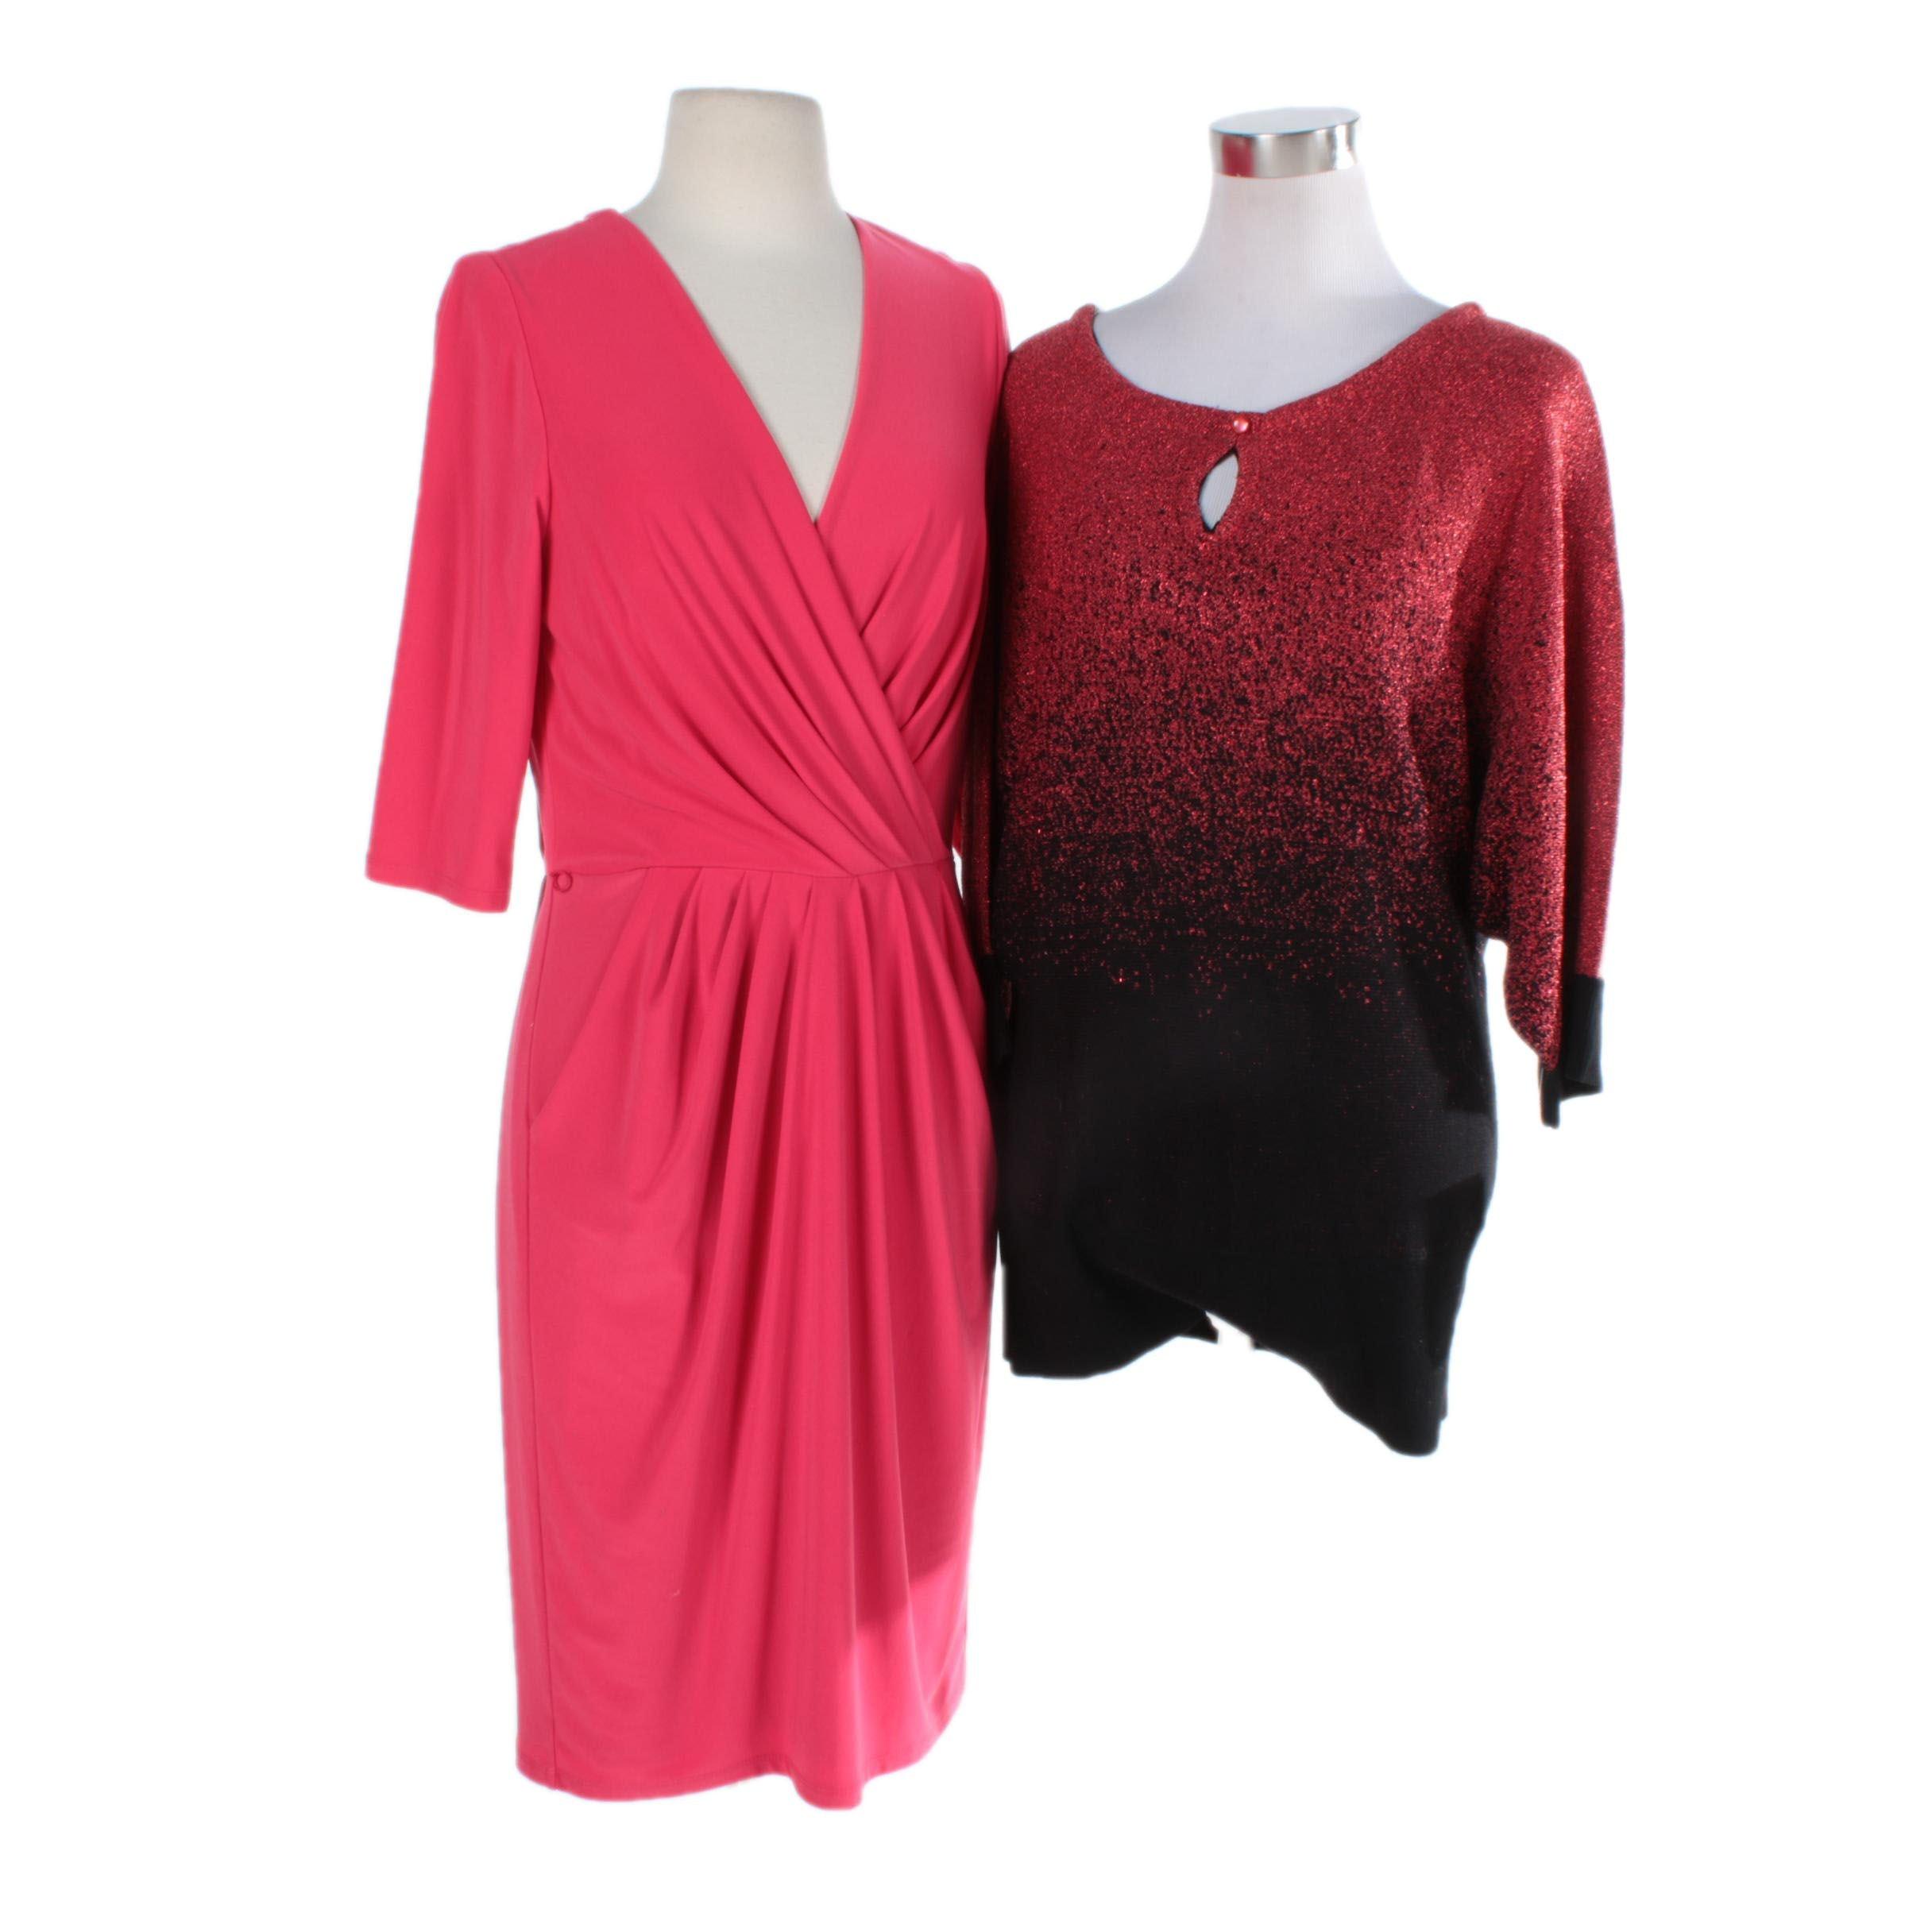 Lauren Ralph Lauren Dress and NY Collection Top